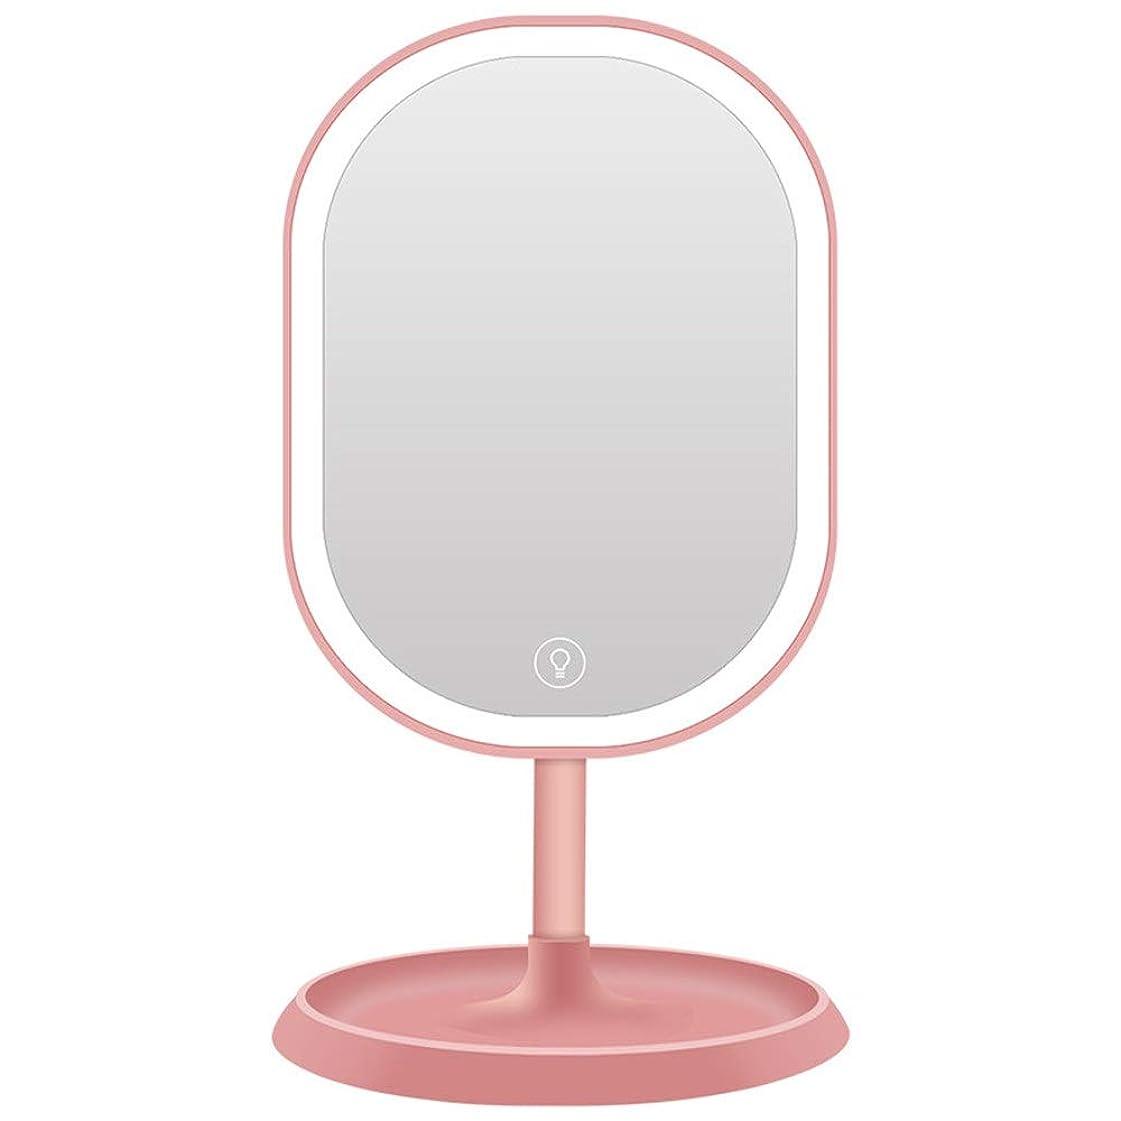 鈍い第五強調する化粧鏡 Led化粧鏡化粧台化粧鏡タッチスクリーンスイッチ付きled化粧鏡180度無料回転照明化粧鏡 ドレッシングテーブルミラー (色 : ピンク, サイズ : ワンサイズ)